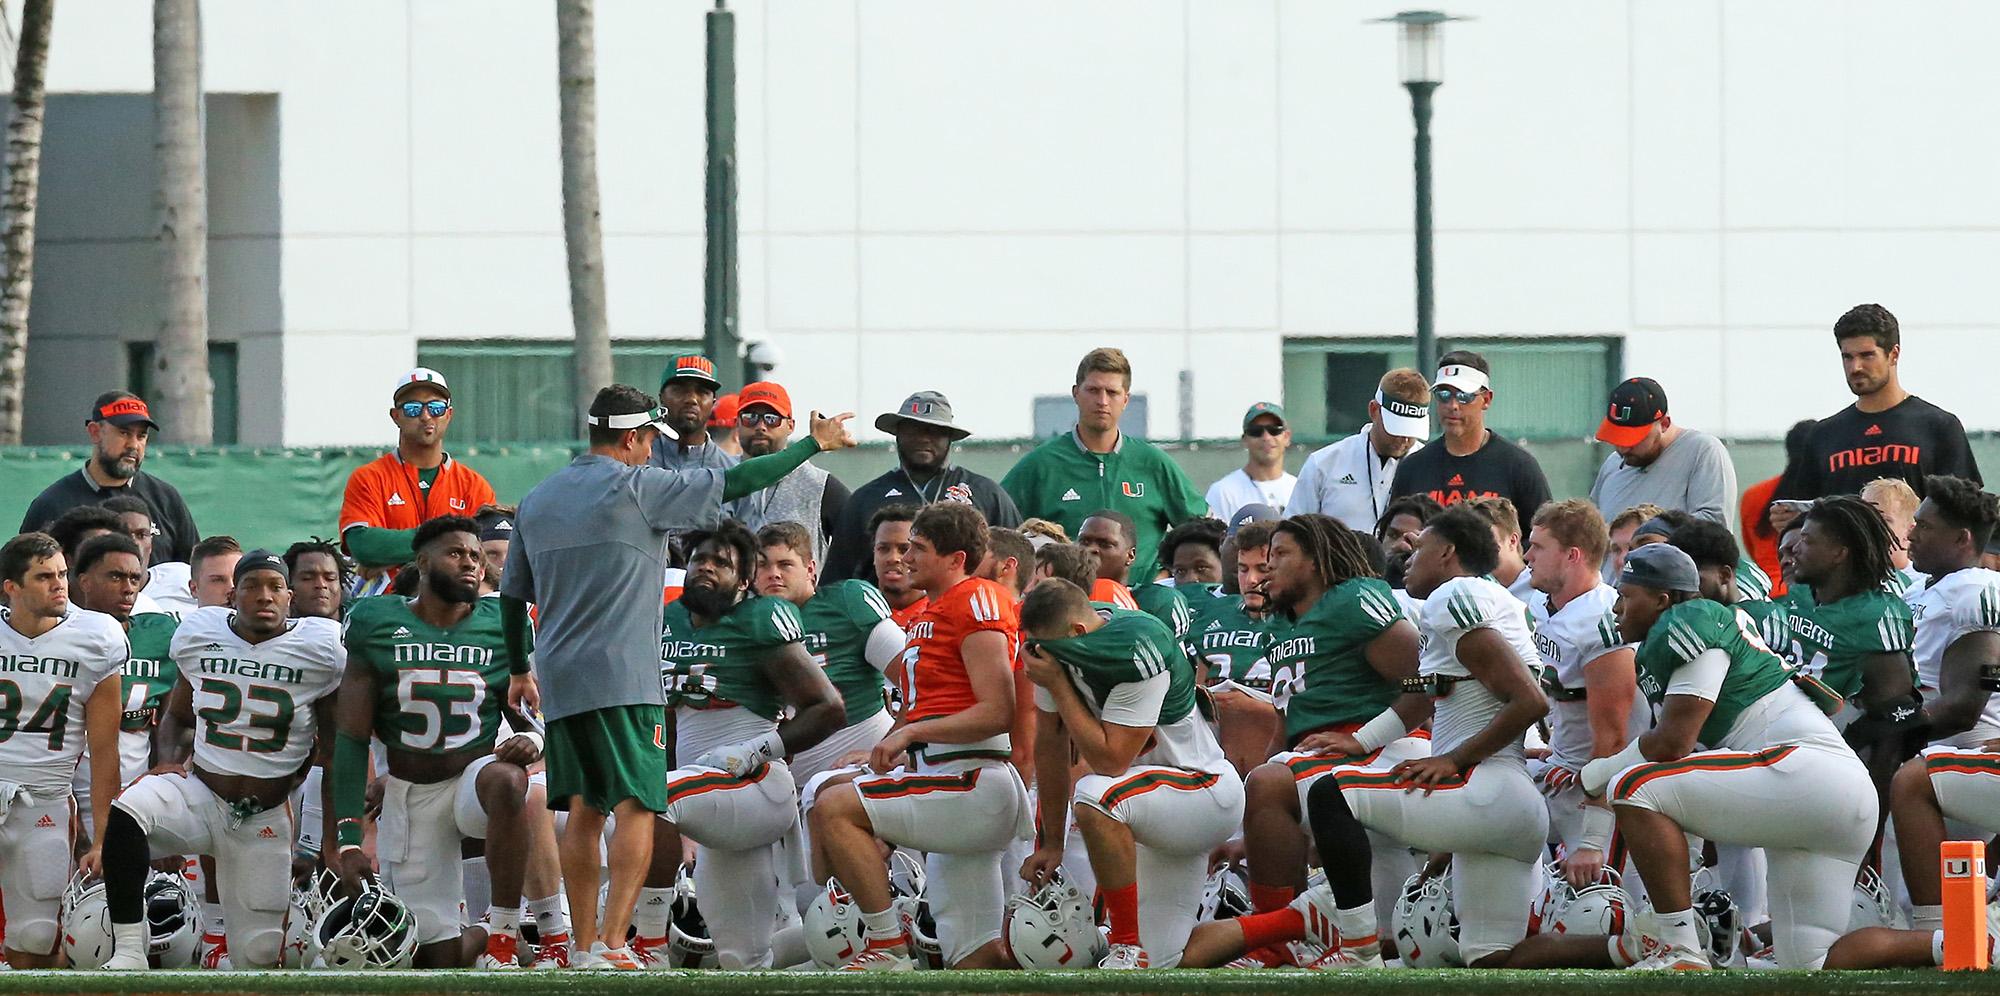 University of Miami football practice